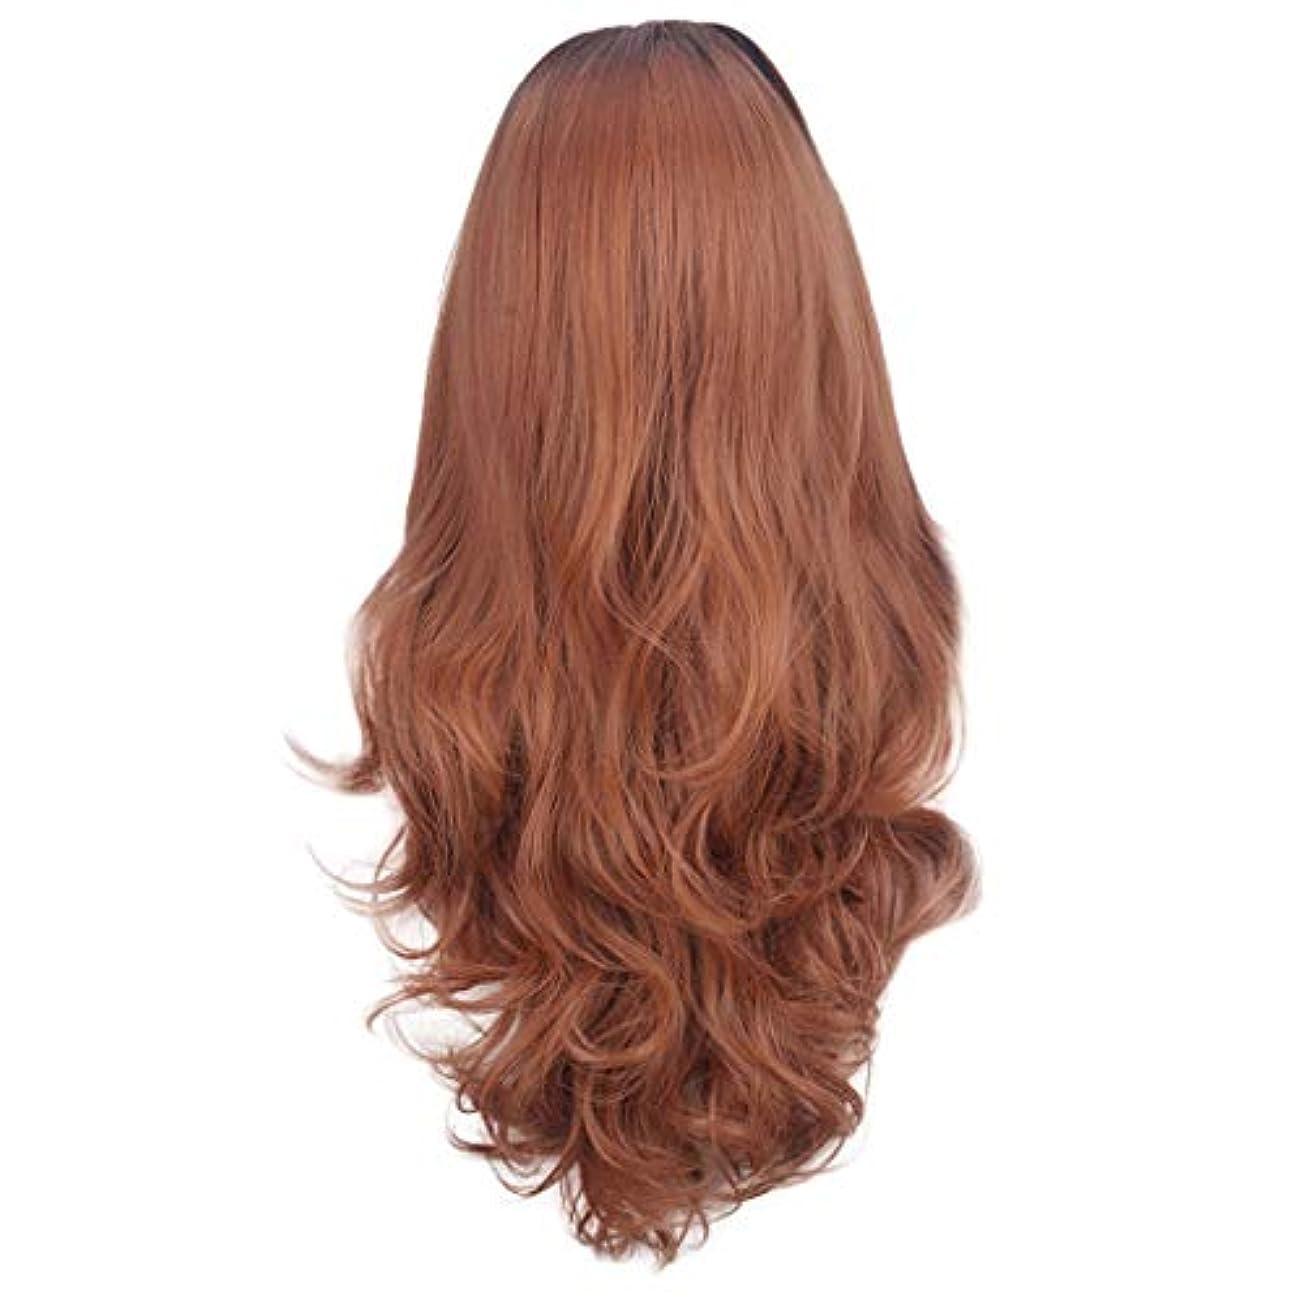 心のこもった香ばしい登録茶色の女性のかつらの長い巻き毛のフロントレースかつら80CM